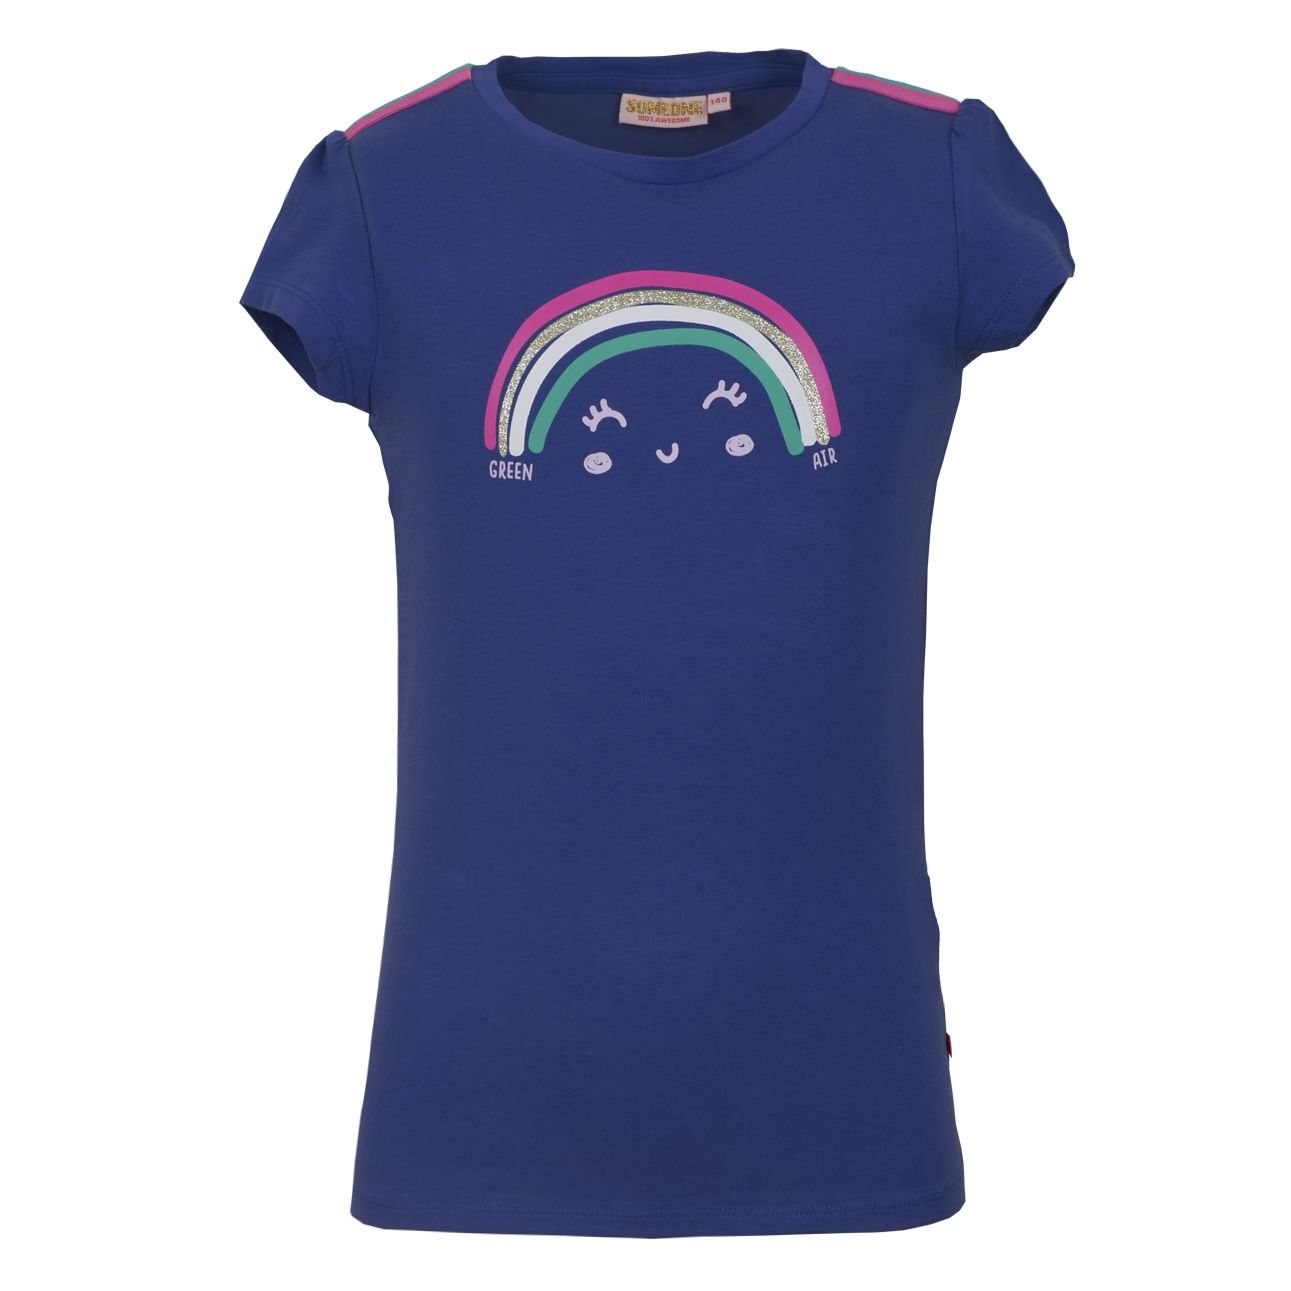 T-Shirt Regenbogen 134 Kobalt SOMEONE 100% Awesome